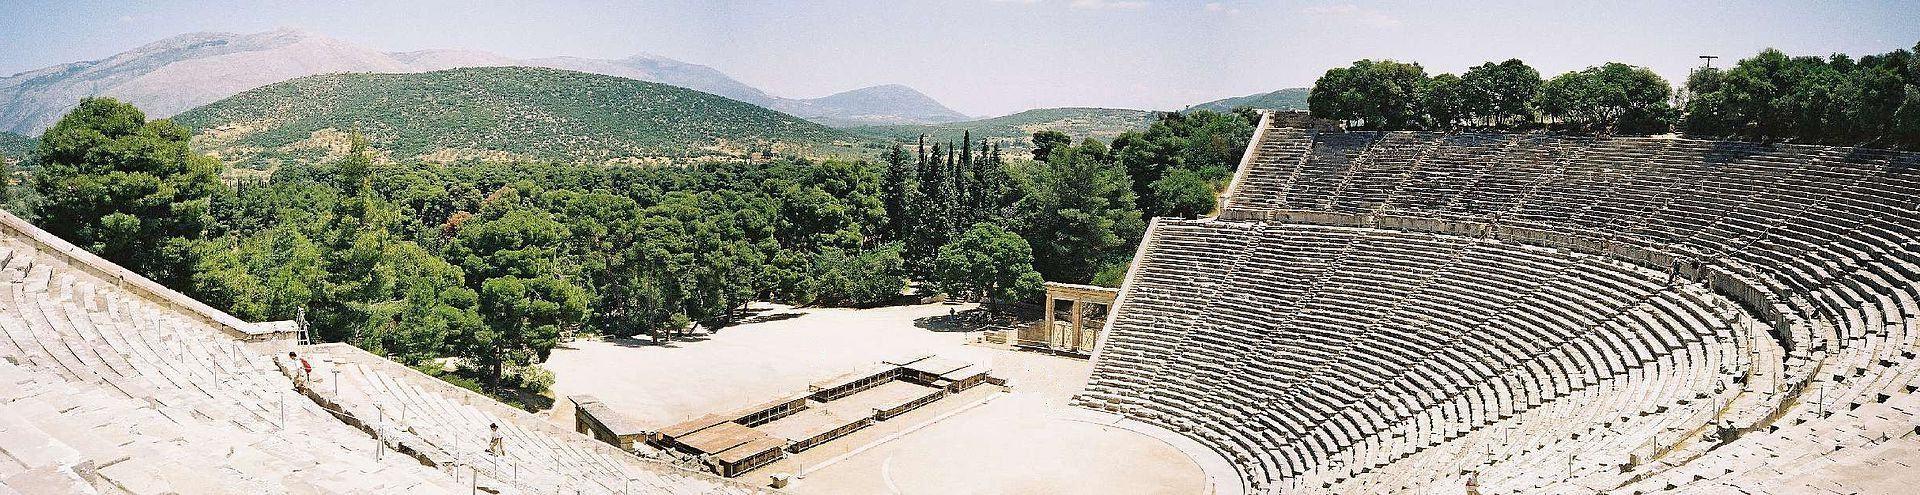 *** Стилі театрального мистецтва | Ancient greek theatre Epidaurus ***